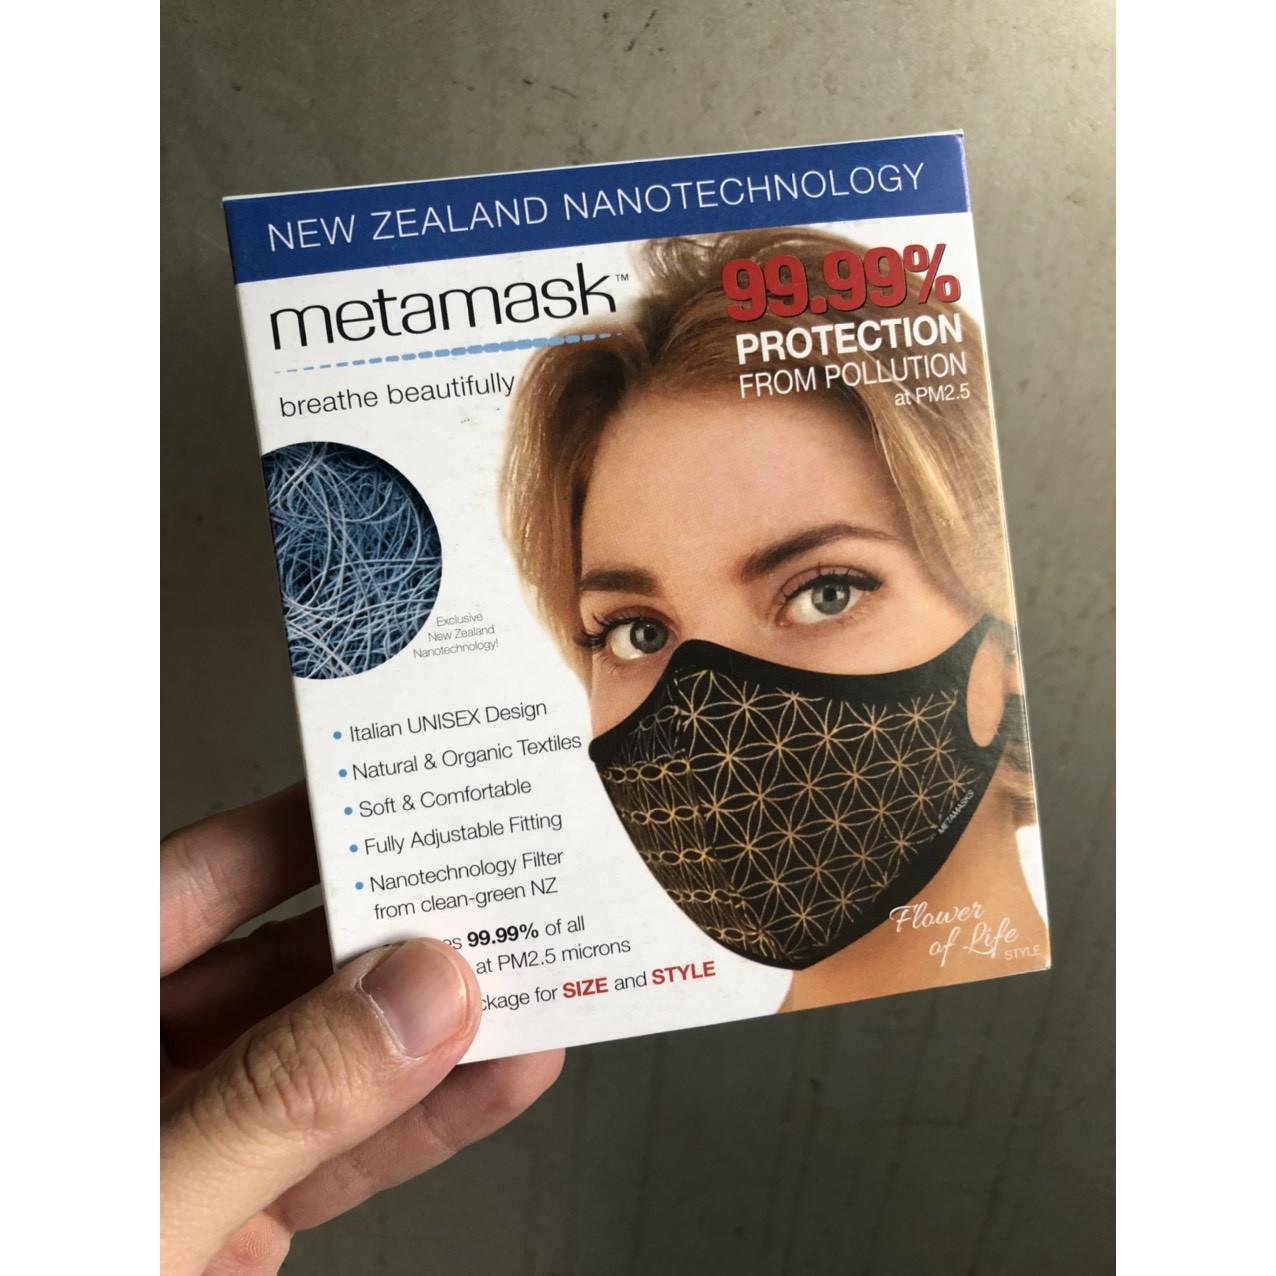 Khẩu Trang Cao Cấp Metamask - Ngăn Ngừa 99 Bụi Siêu Mịn PM2.5 Có Thể Thay Thế Màng Lọc, Có Thể Giặt Lại Được Phiên Bản Flower of Life - Hàng Chính Hãng - M